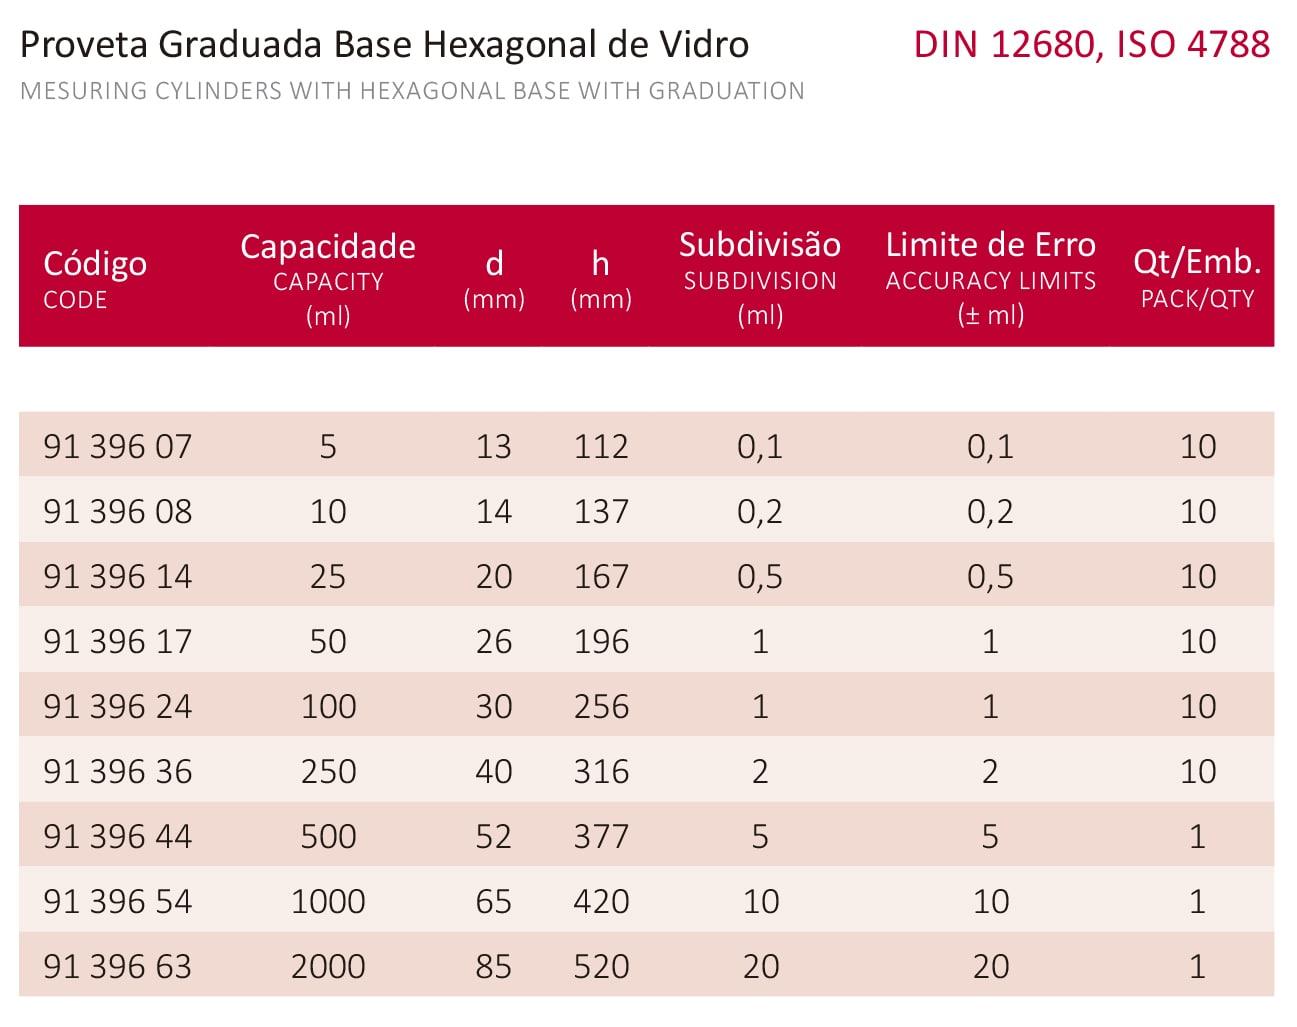 PROVETA GRADUADA BASE HEXAGONAL DE VIDRO 100 ML CERTIFICADO RBC - Laborglas - Cód. 9139624-R